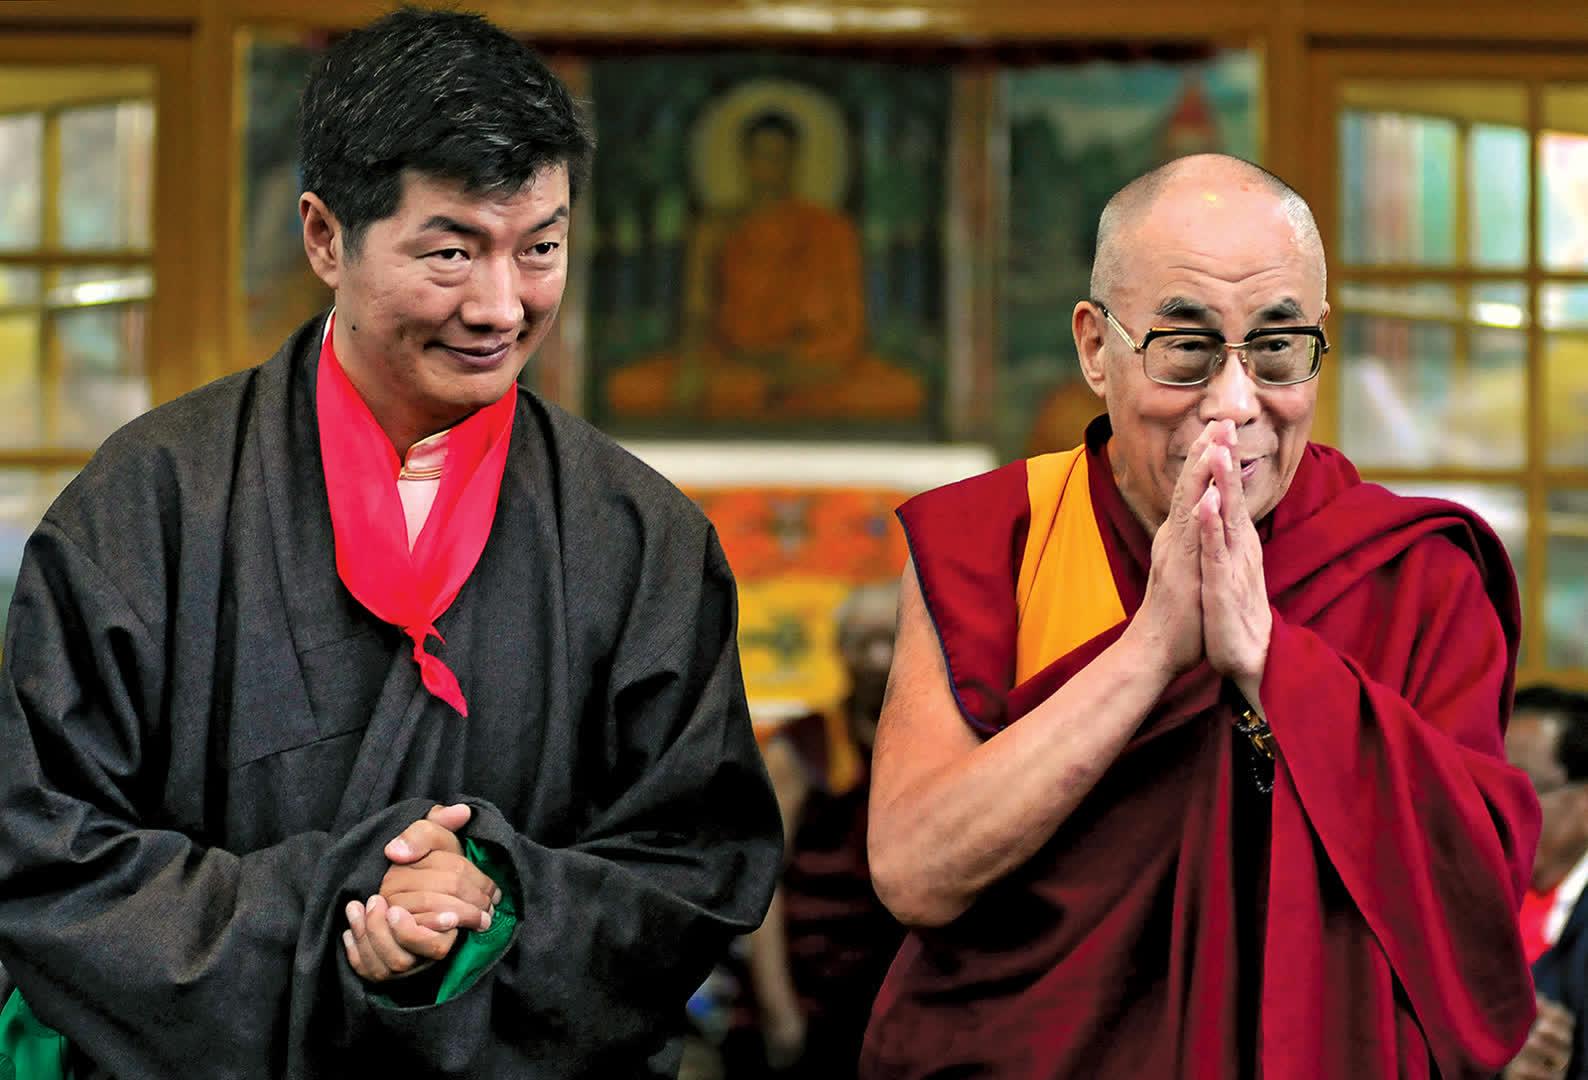 Lobsang Sangay and the 14th Dalai Lama